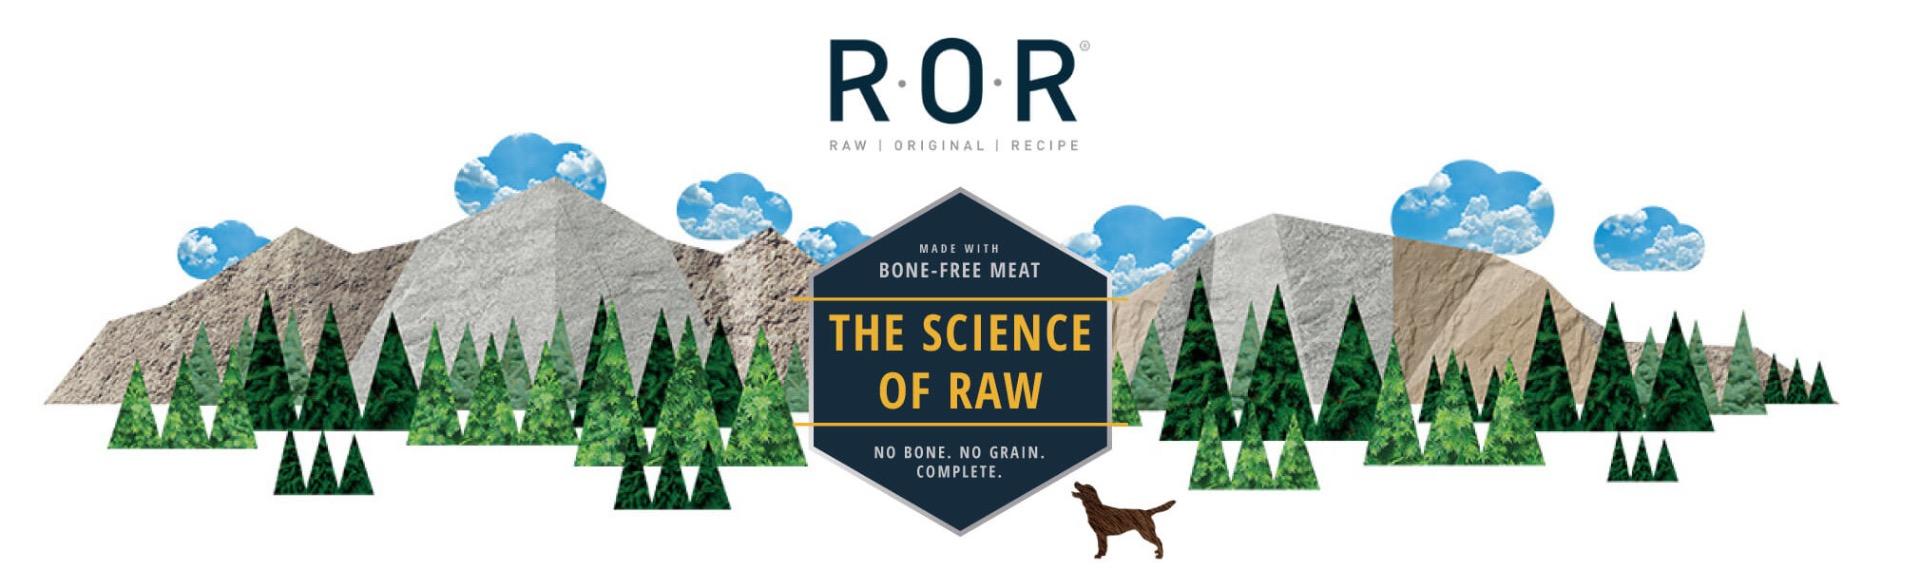 R.O.R